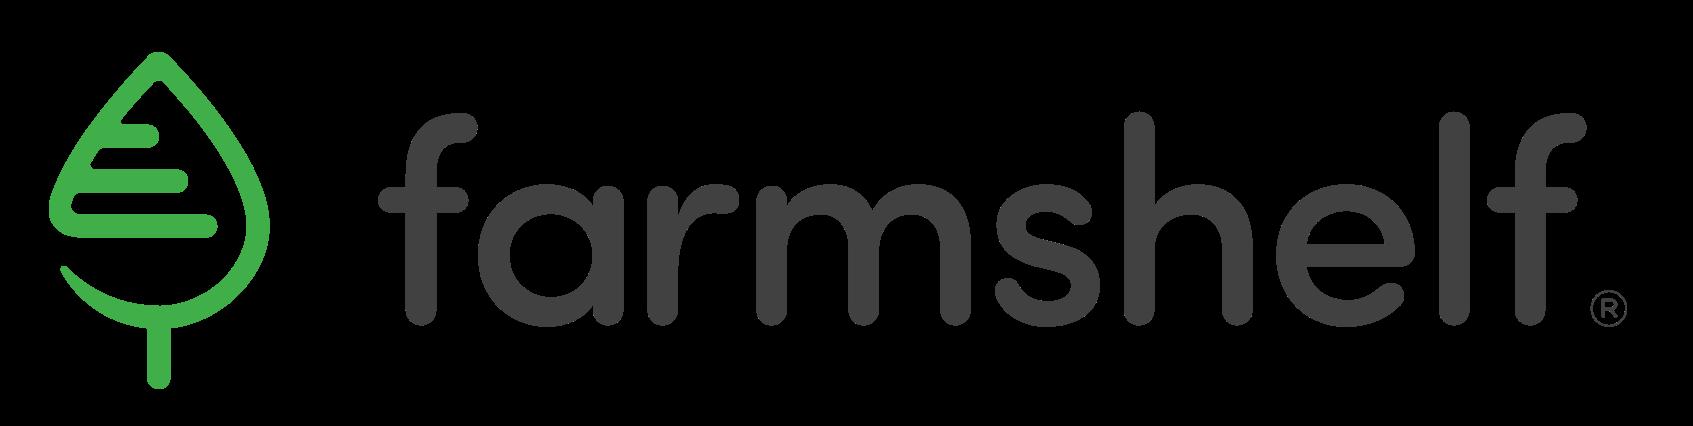 FARMSHELF_LOGO_TRANSPARENT_CMYK (1).png